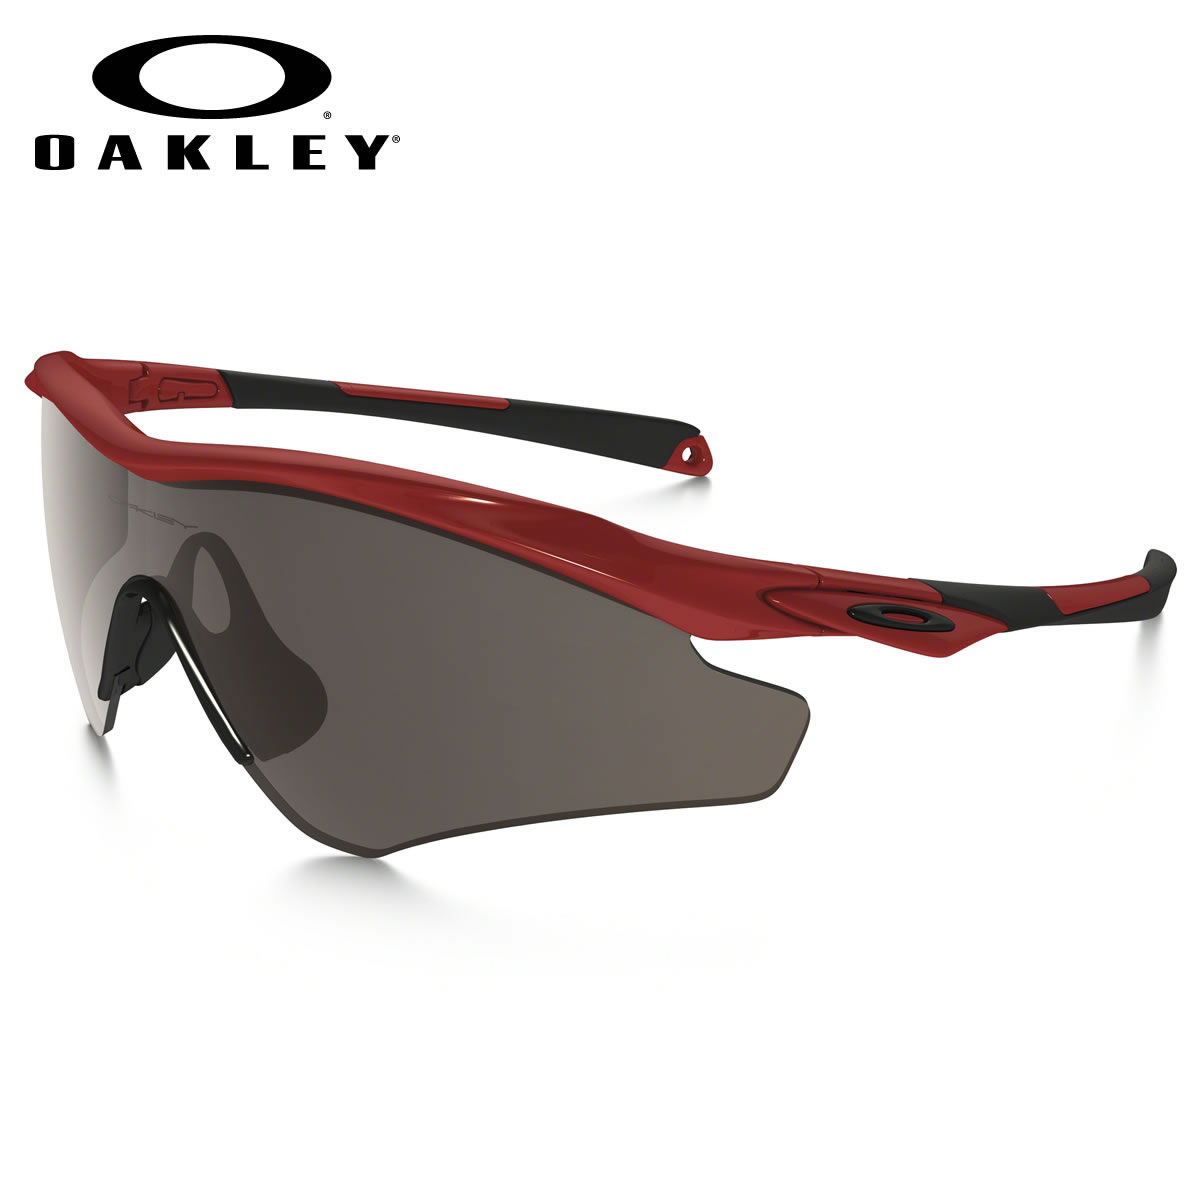 【10月30日からエントリーで全品ポイント20倍】オークリー サングラス M2フレーム XL OAKLEY OO9345-02 M2 FRAME XL ASIA FIT Redline / Warm Gray オークレー アジアンフィット メンズ レディース